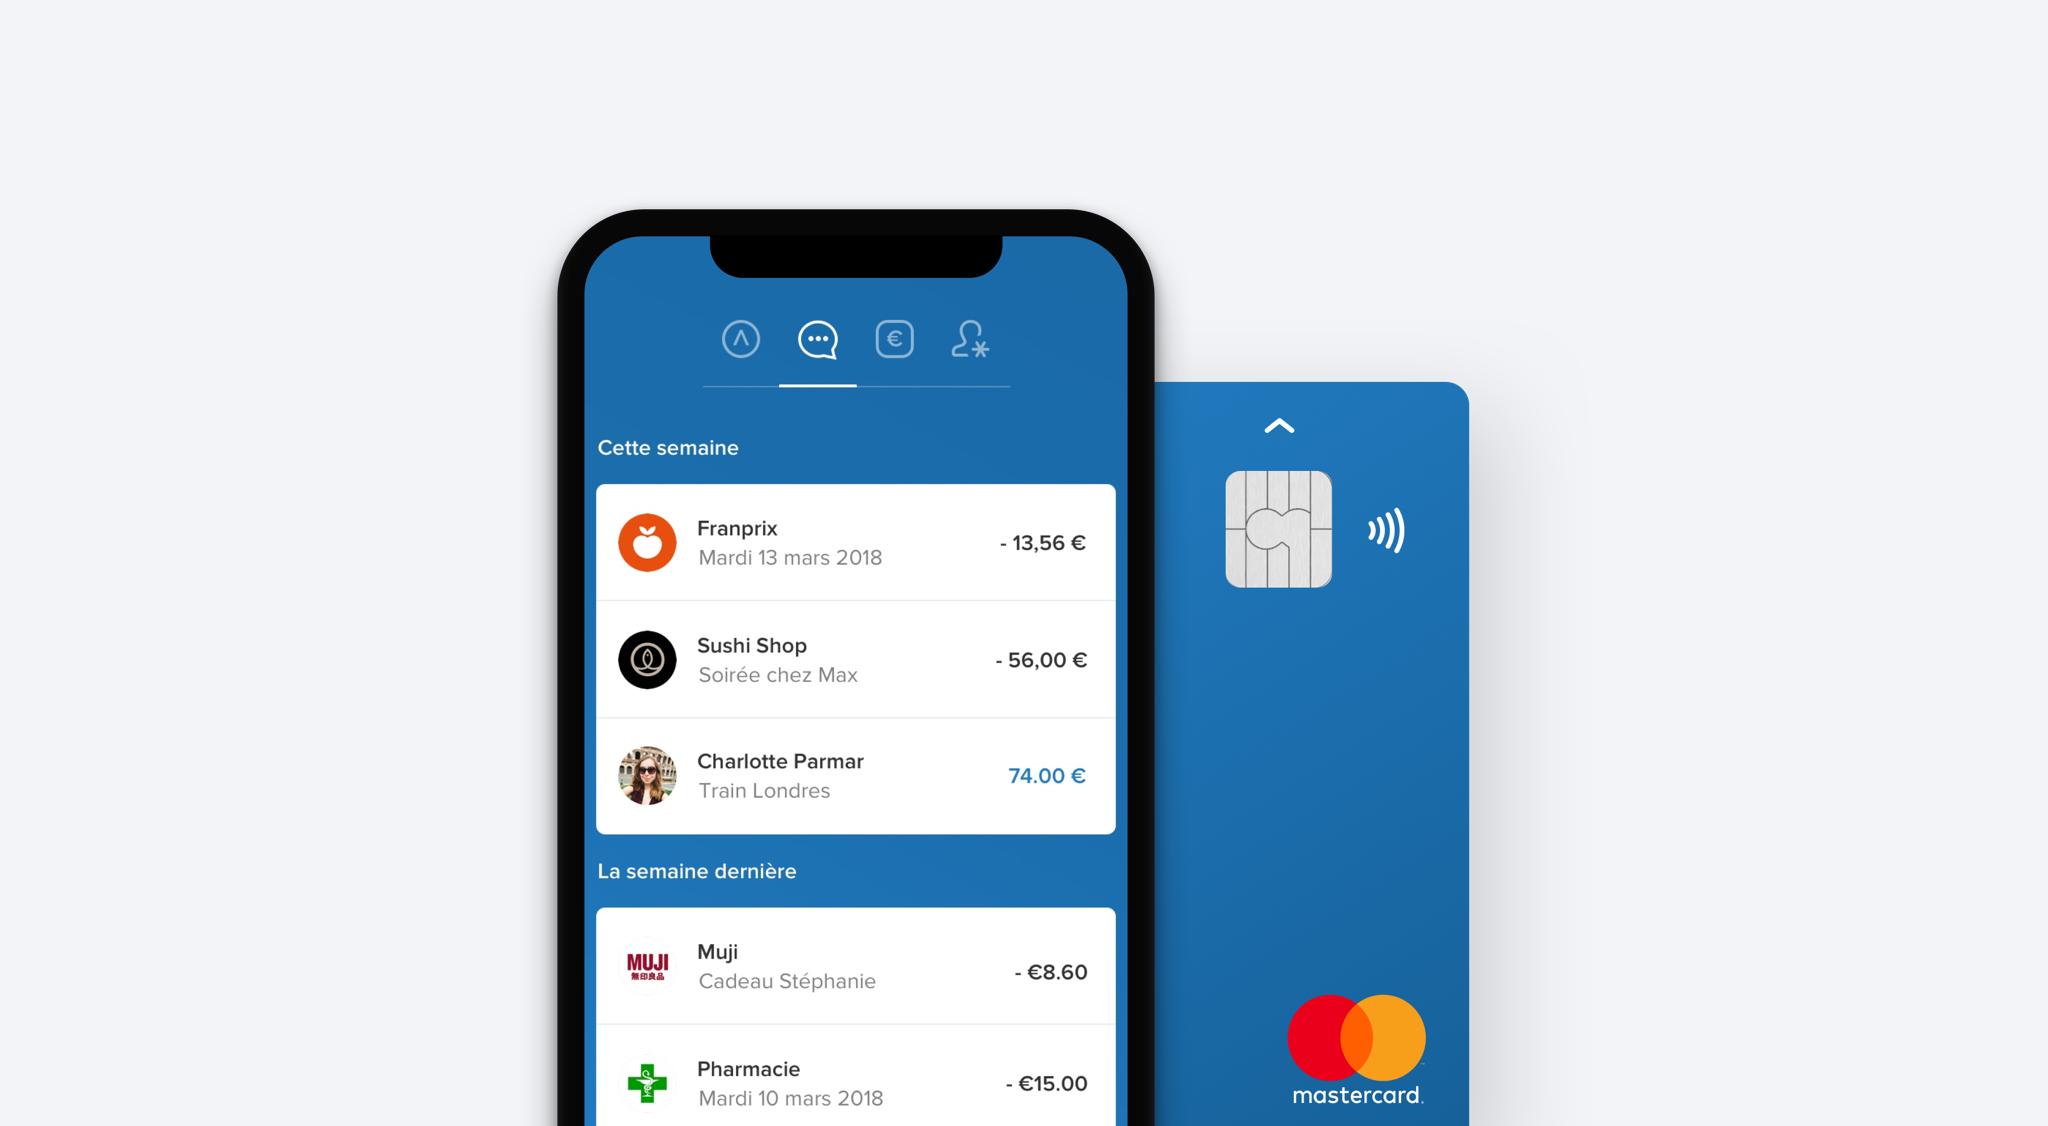 La aplicación de pago móvil Lydia recauda $ 45 millones ronda liderada por Tencent - TechCrunch 2